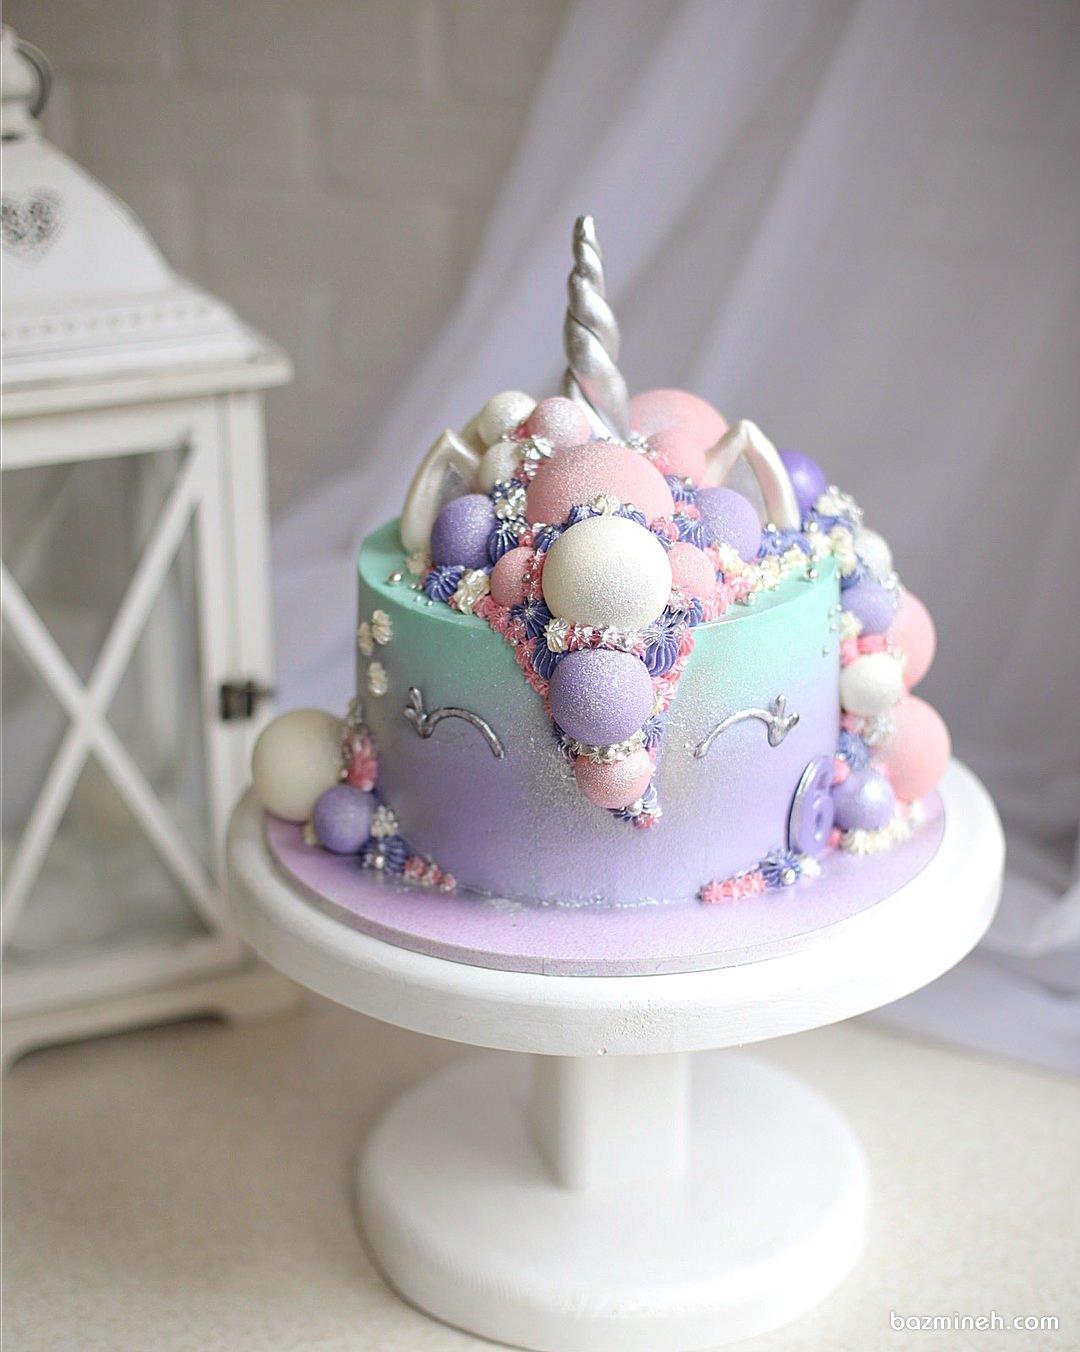 مینی کیک رویایی جشن تولد دخترانه با تم یونیکورن (Unicorn)